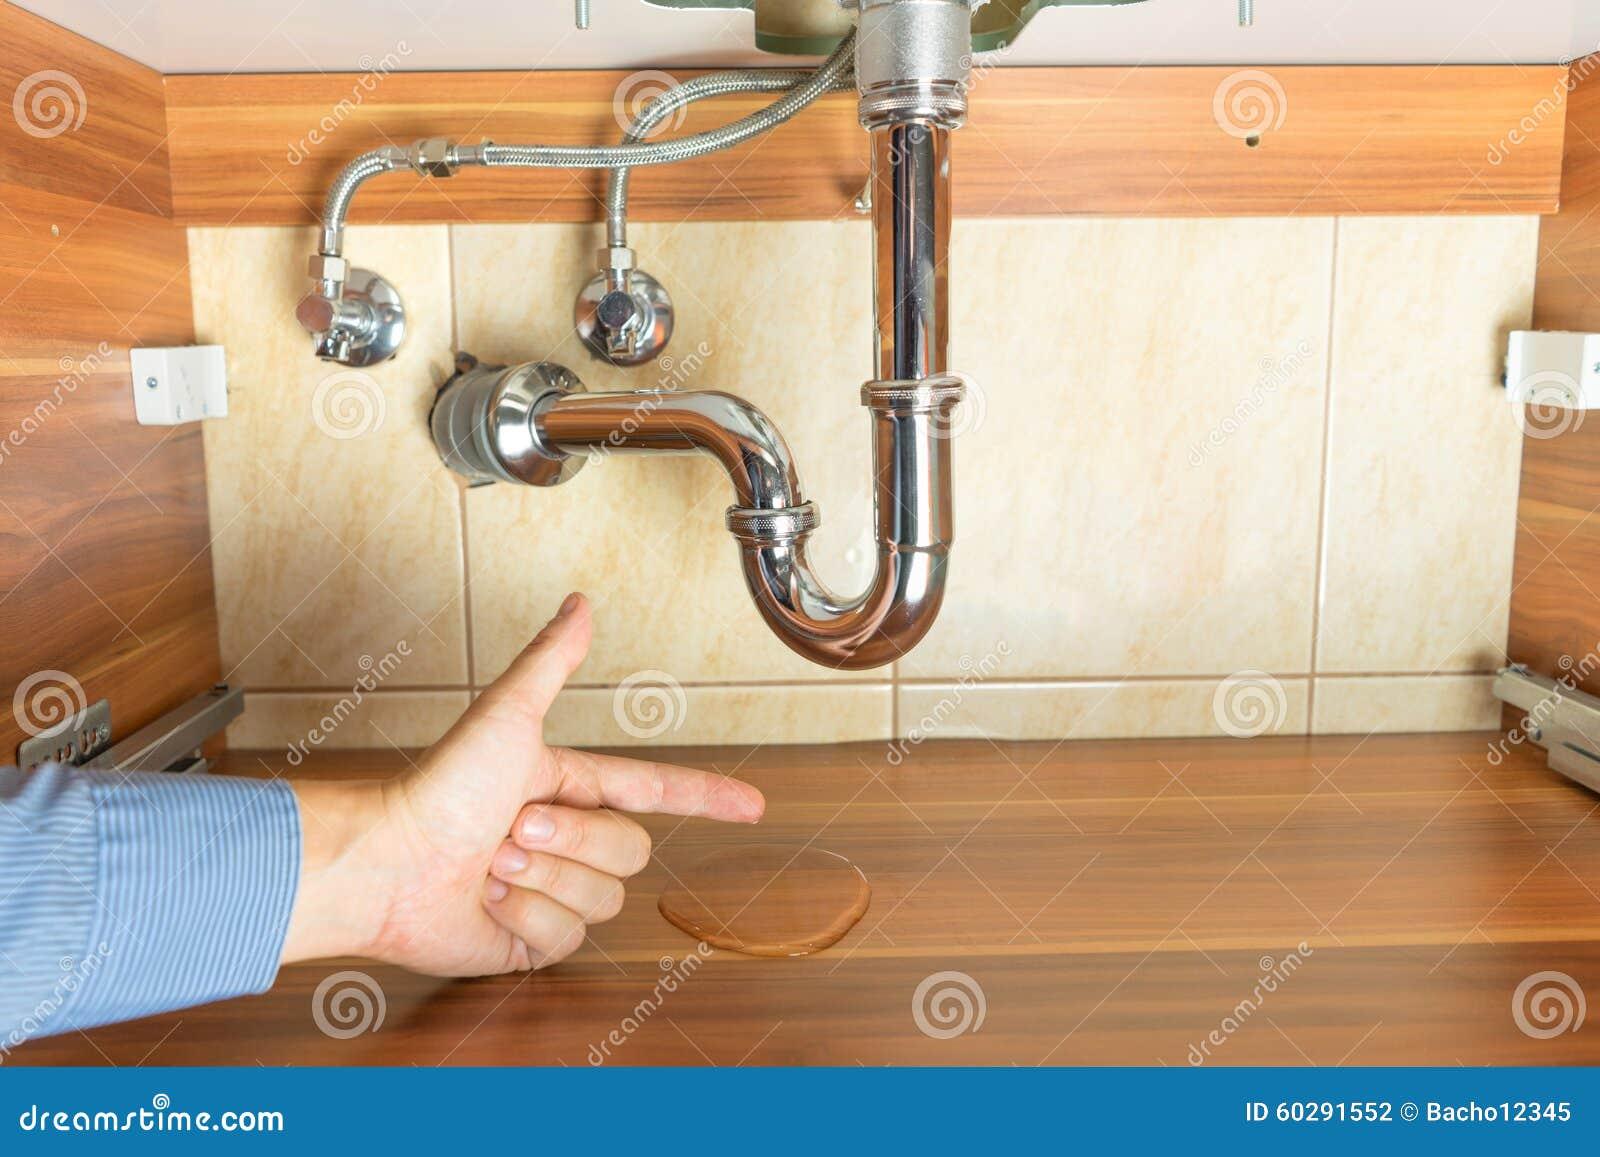 Inondazione sotto lo scolo del lavandino in bagno fotografia stock